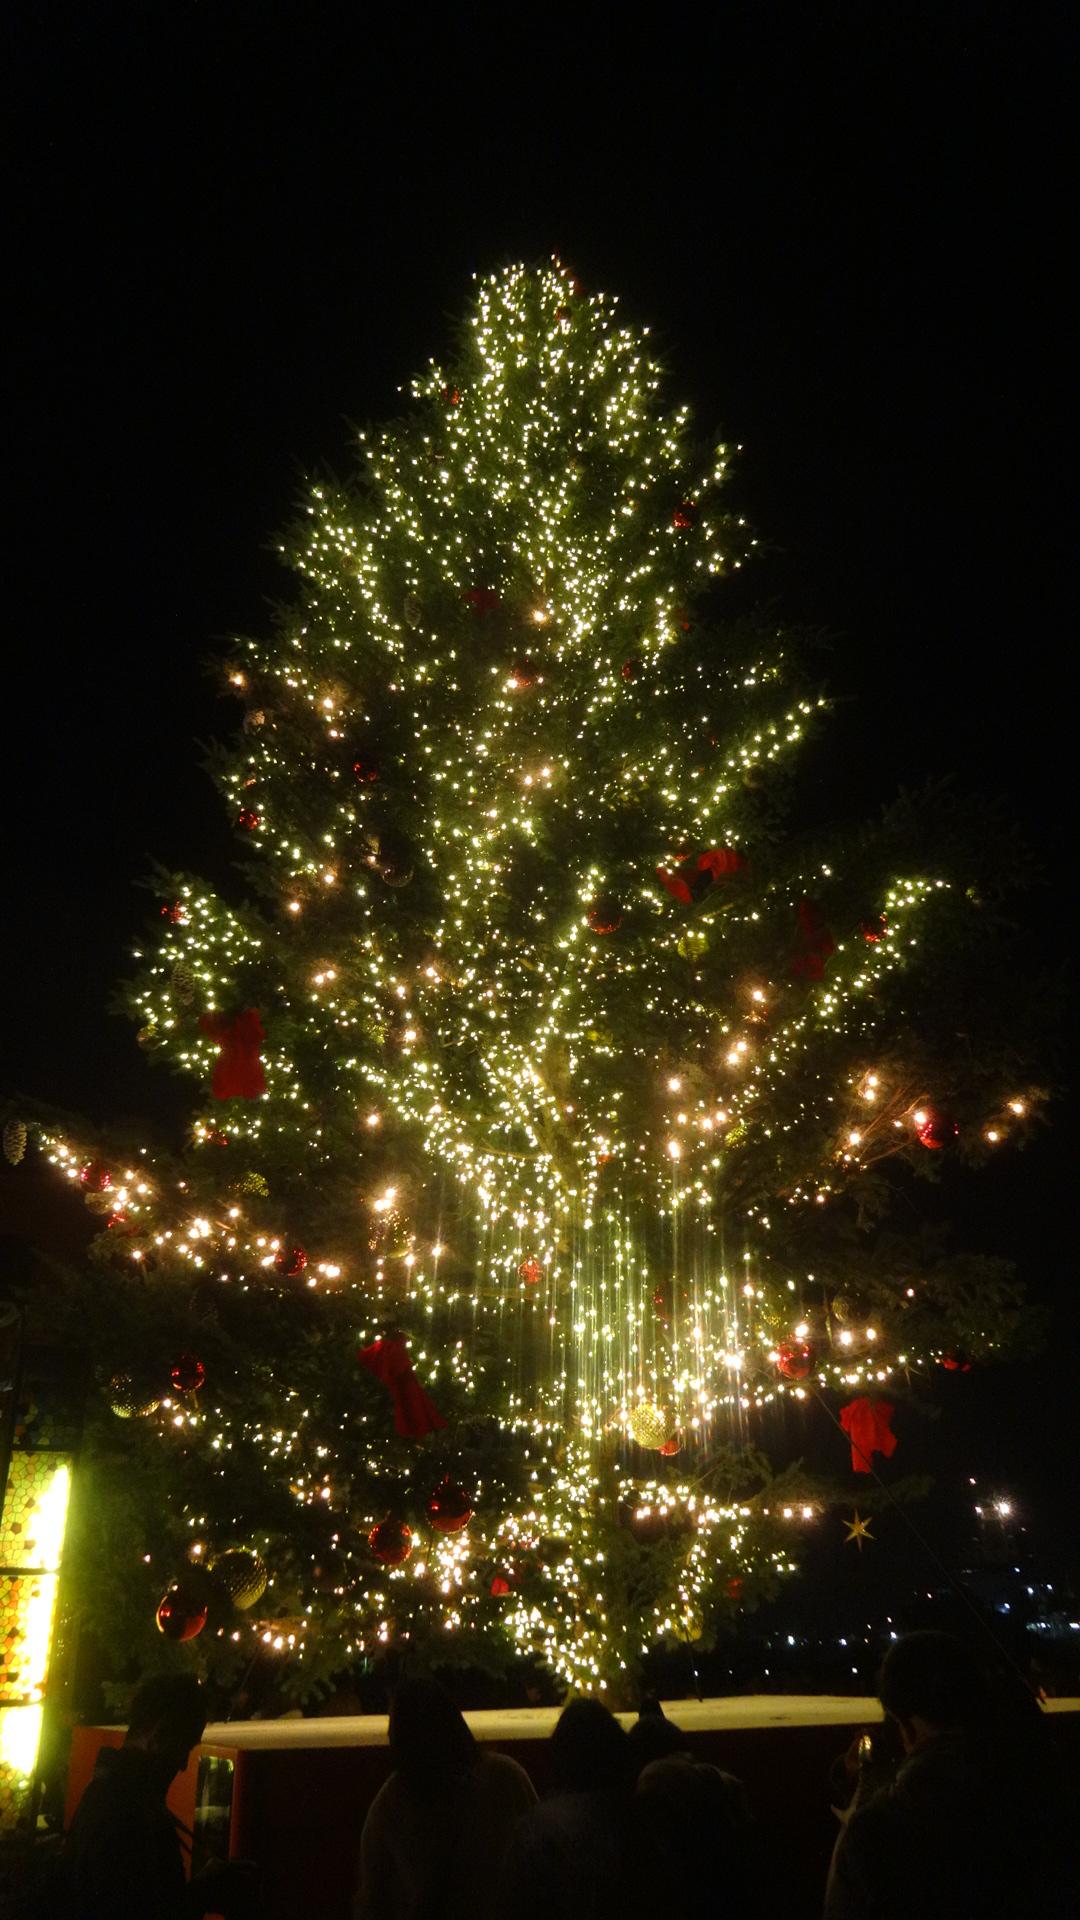 夜の輝くツリー